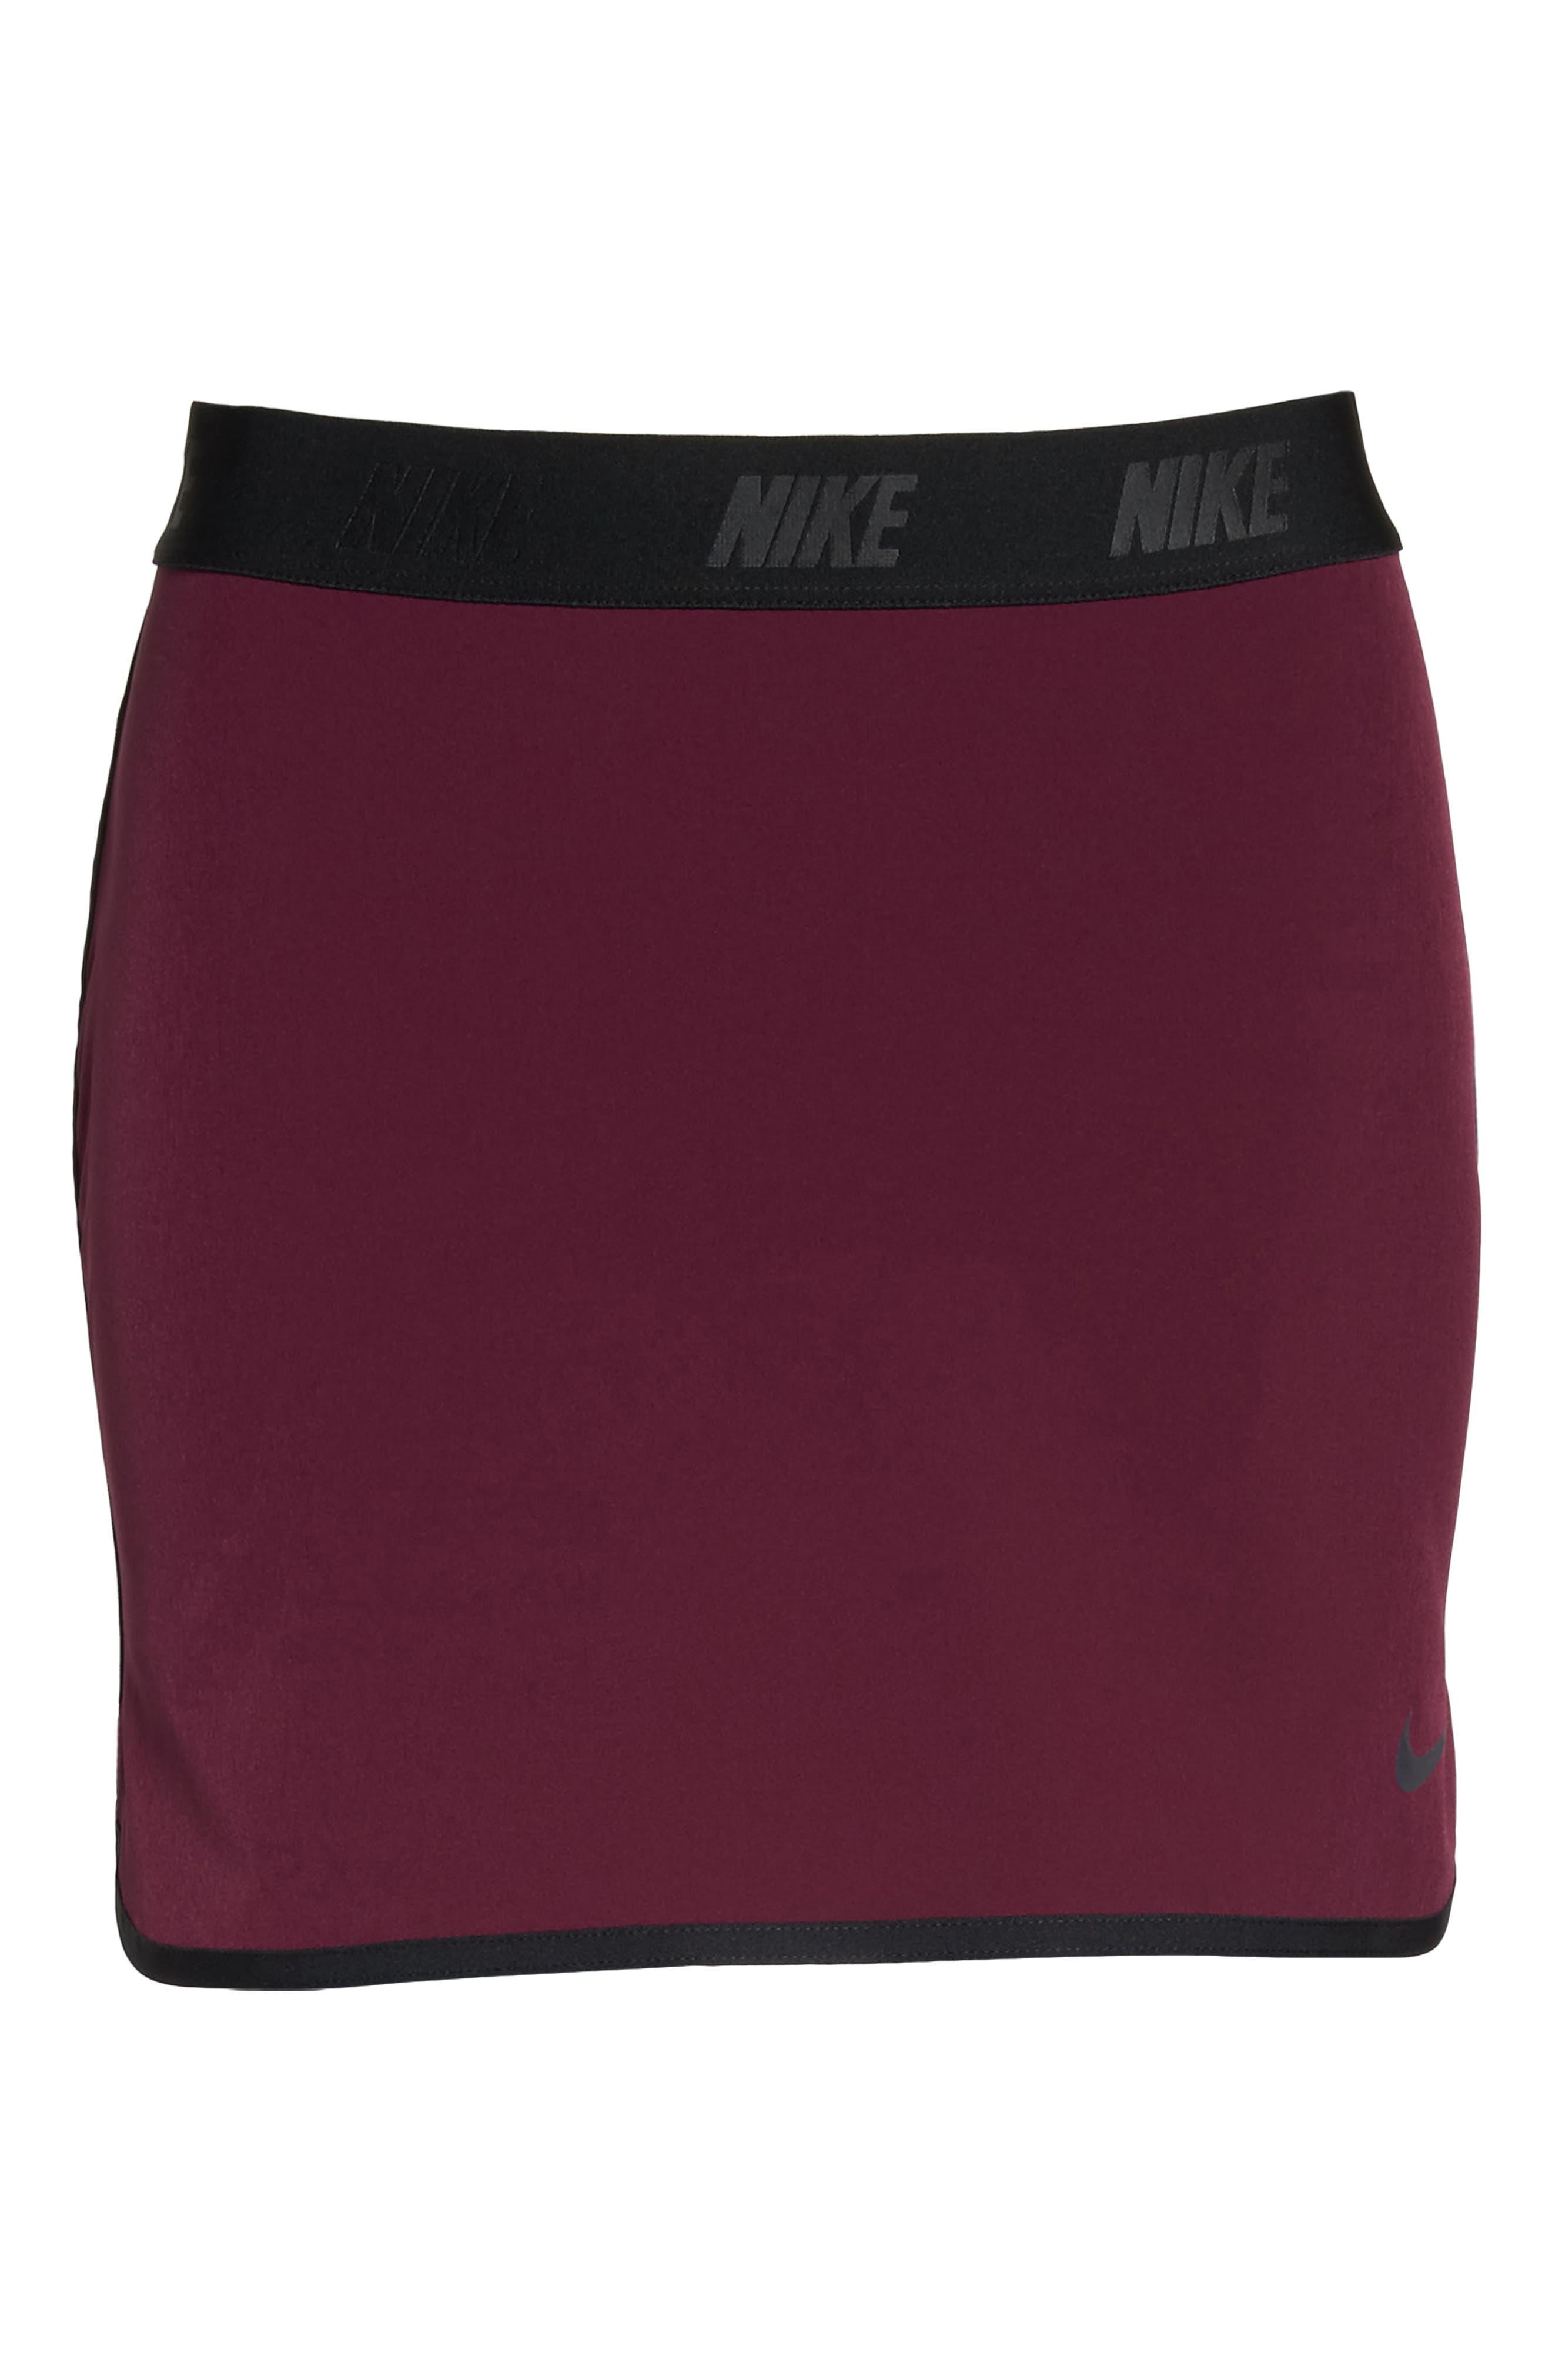 Flex Tennis Skirt,                             Alternate thumbnail 7, color,                             930